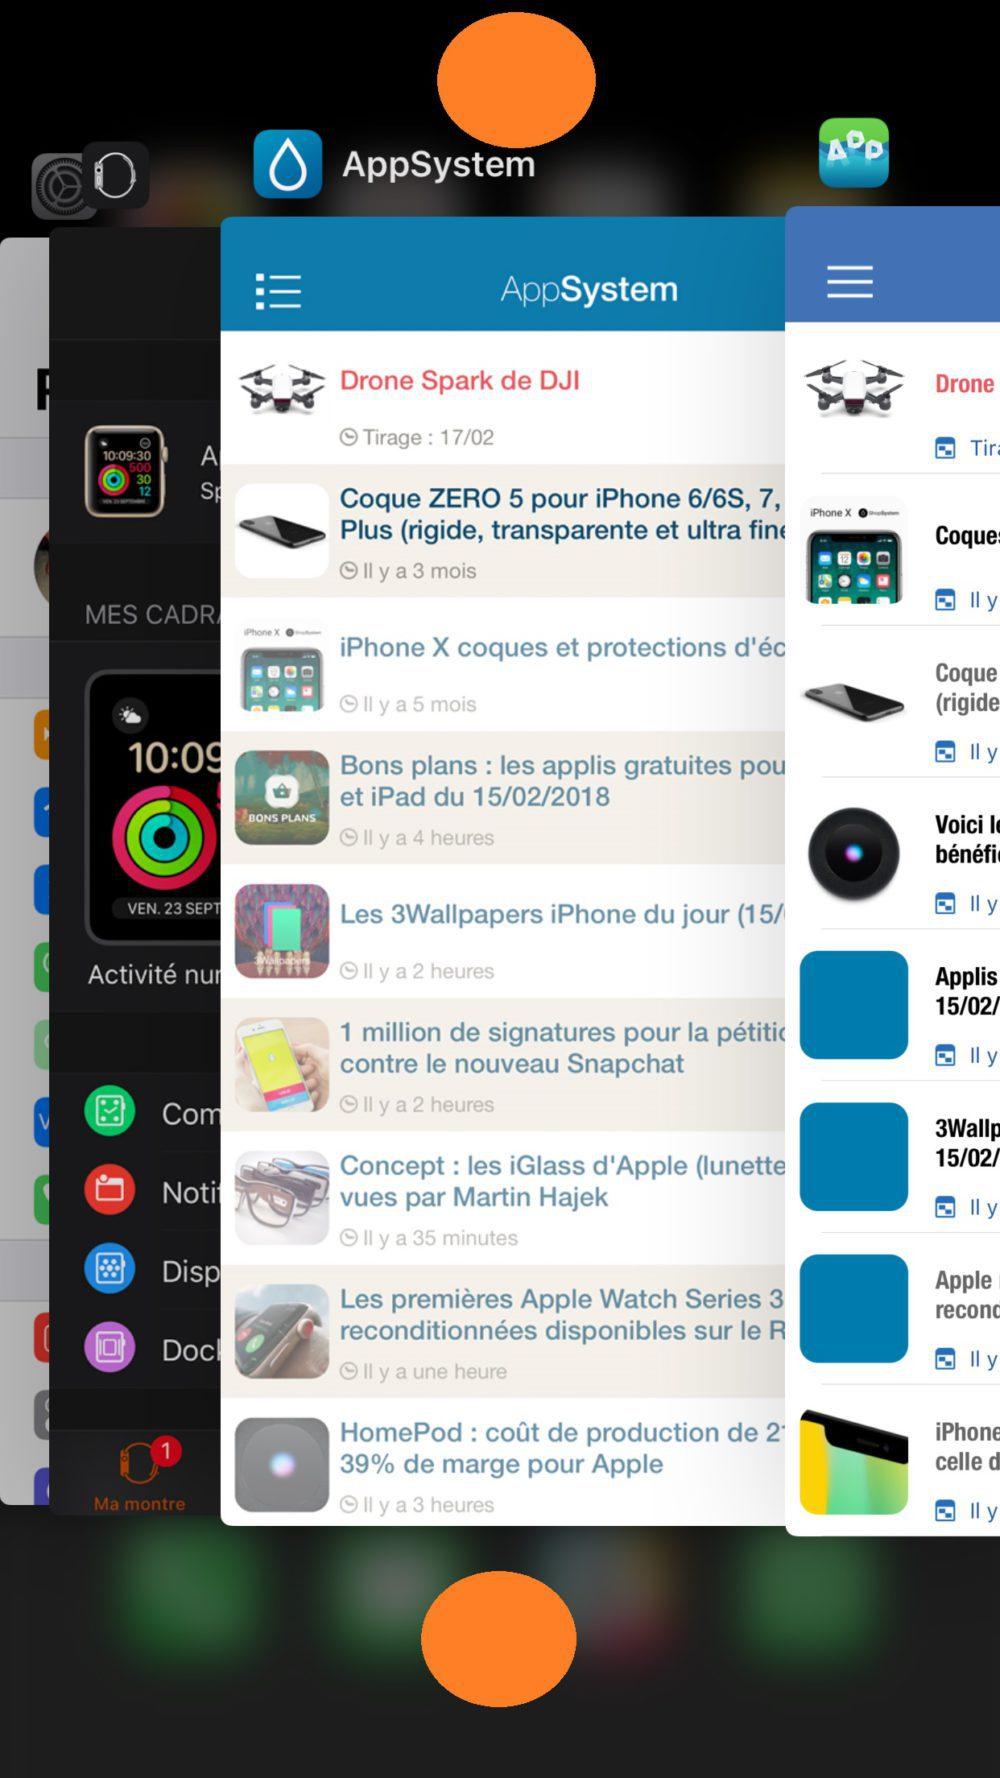 Astuce iOS 11 Acceder Ecran Accueil Rapidement 1000x1778 6 astuces sur iOS 11 que vous ignoriez peut être